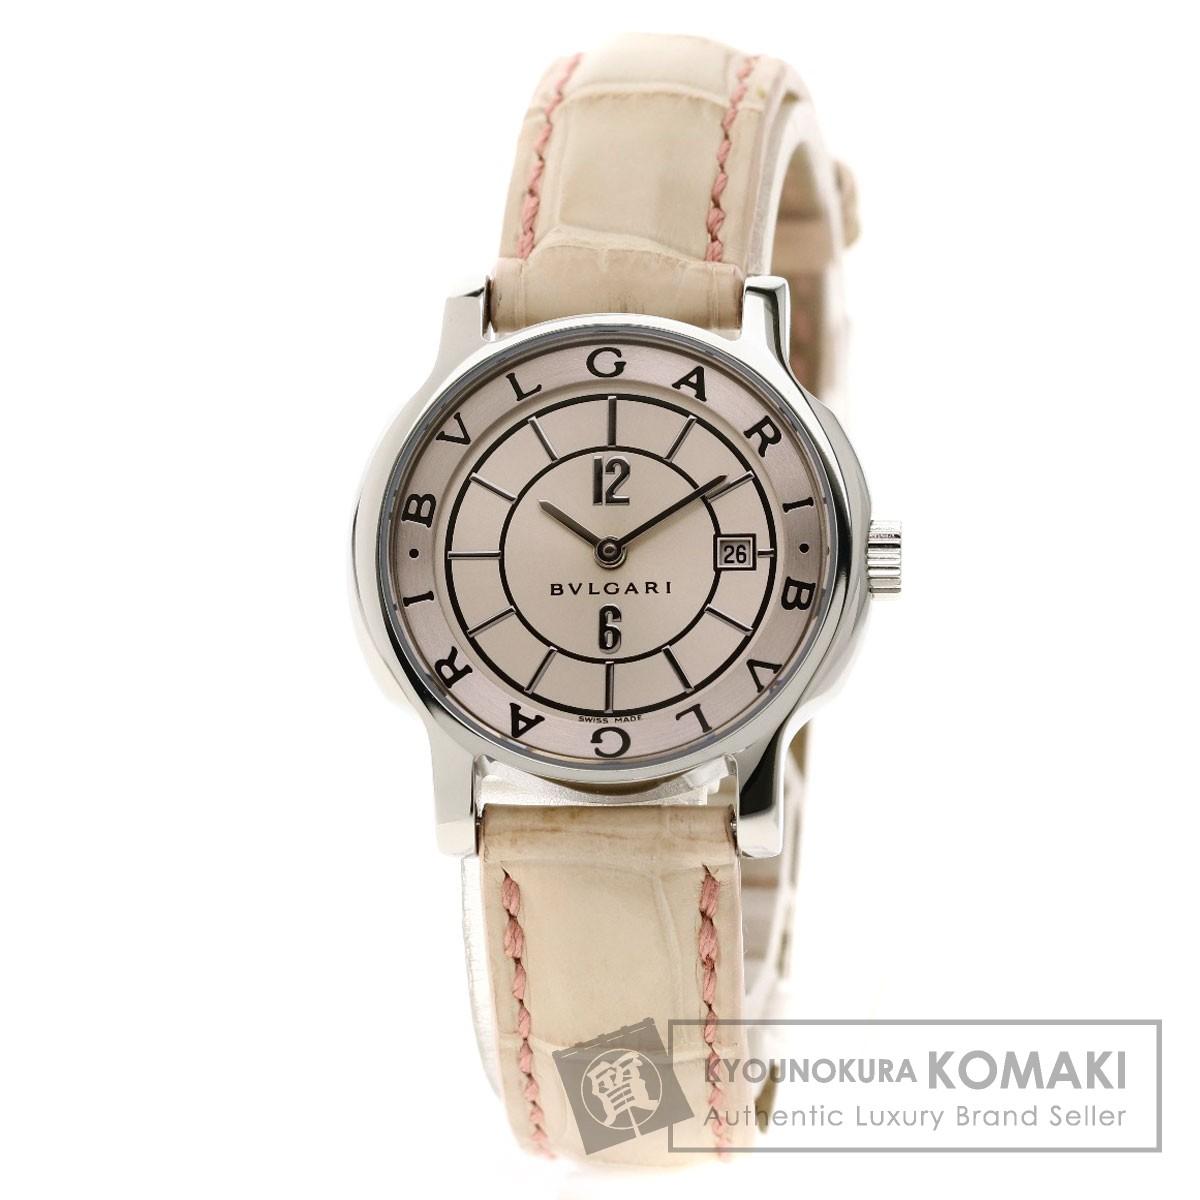 ブルガリ ST29S ソロテンポ 腕時計 ステンレススチール/革 レディース 【中古】【BVLGARI】